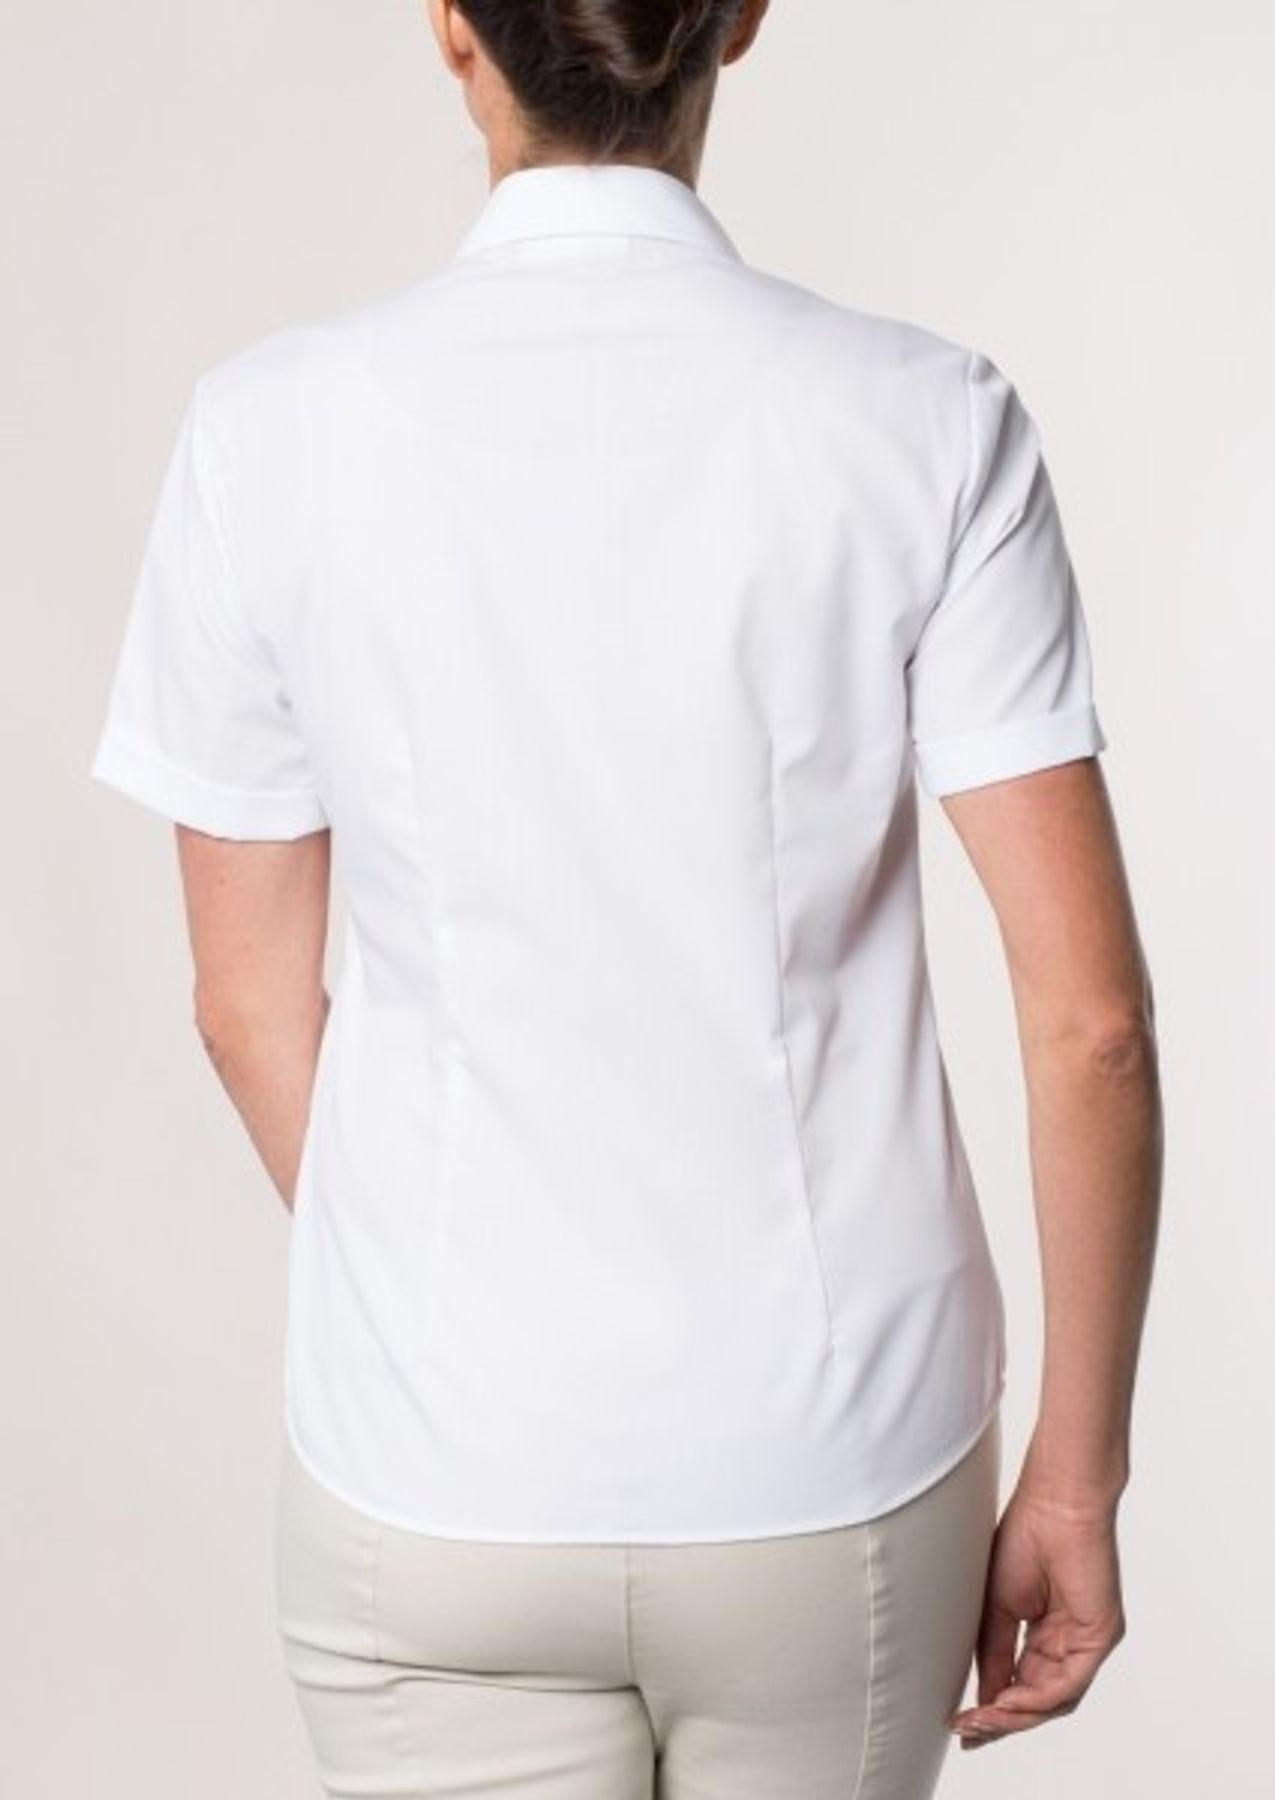 Eterna -  Comfort-Fit - Bügelfreie Damen Halbarm - Bluse in Blau, Weiß oder Schwarz (5220 H670) – Bild 5